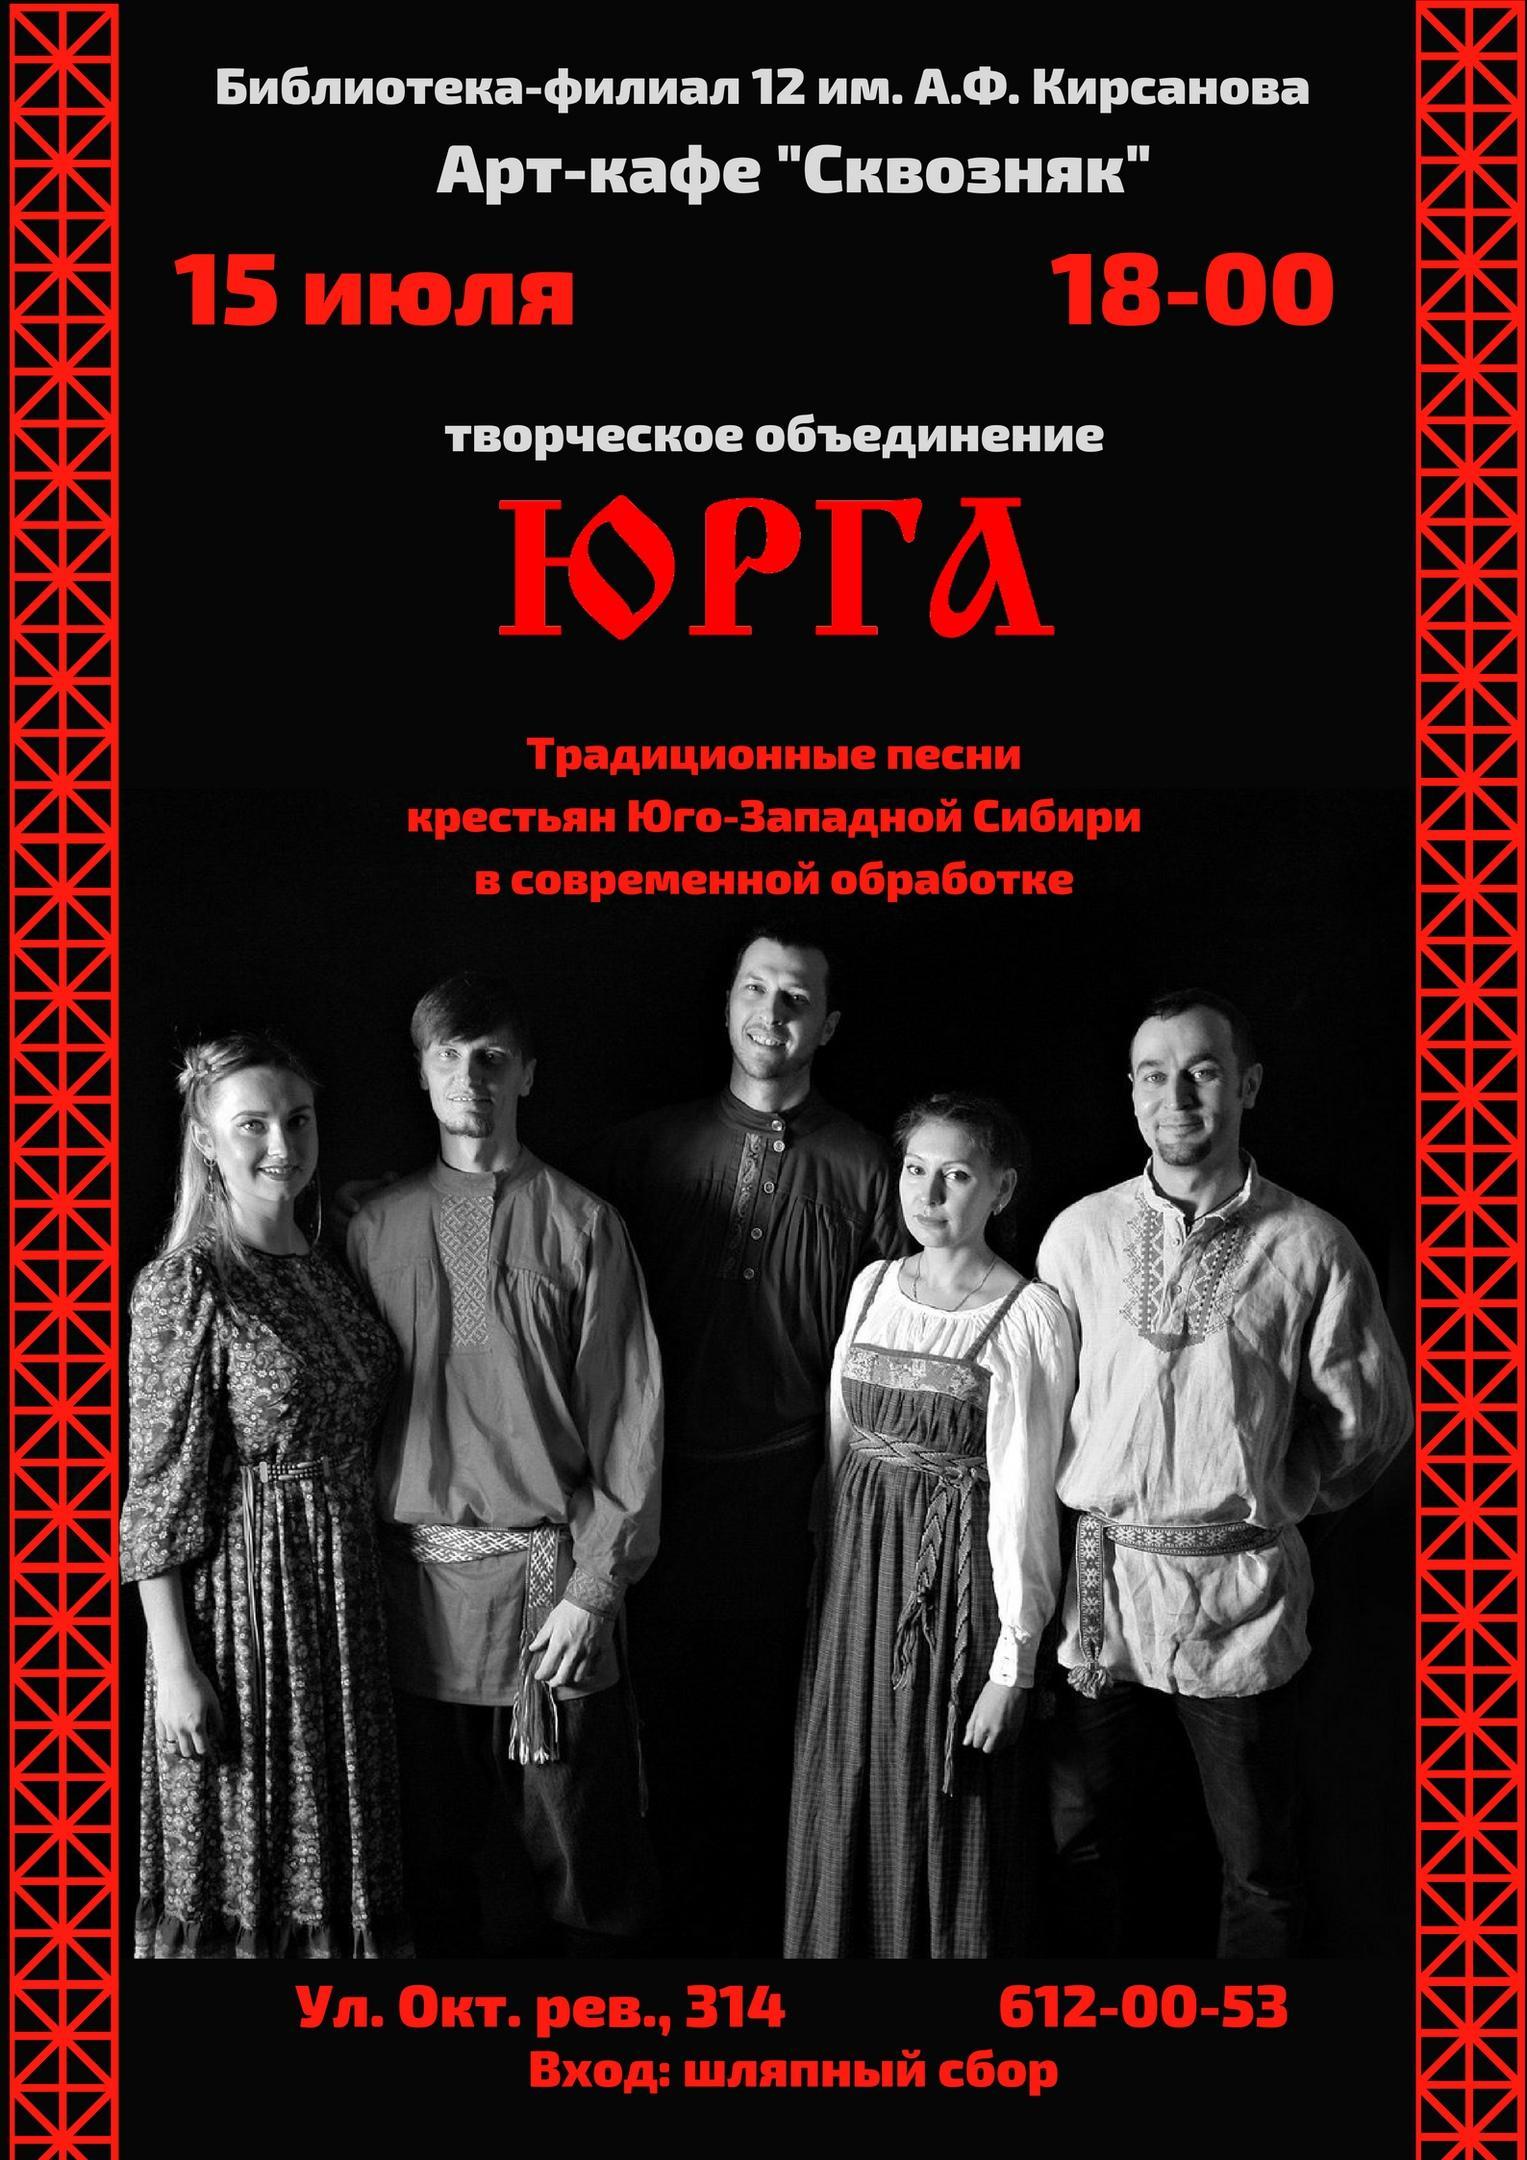 Концерт «Традиционные песни крестьян юго-западной Сибири в современной обработке»